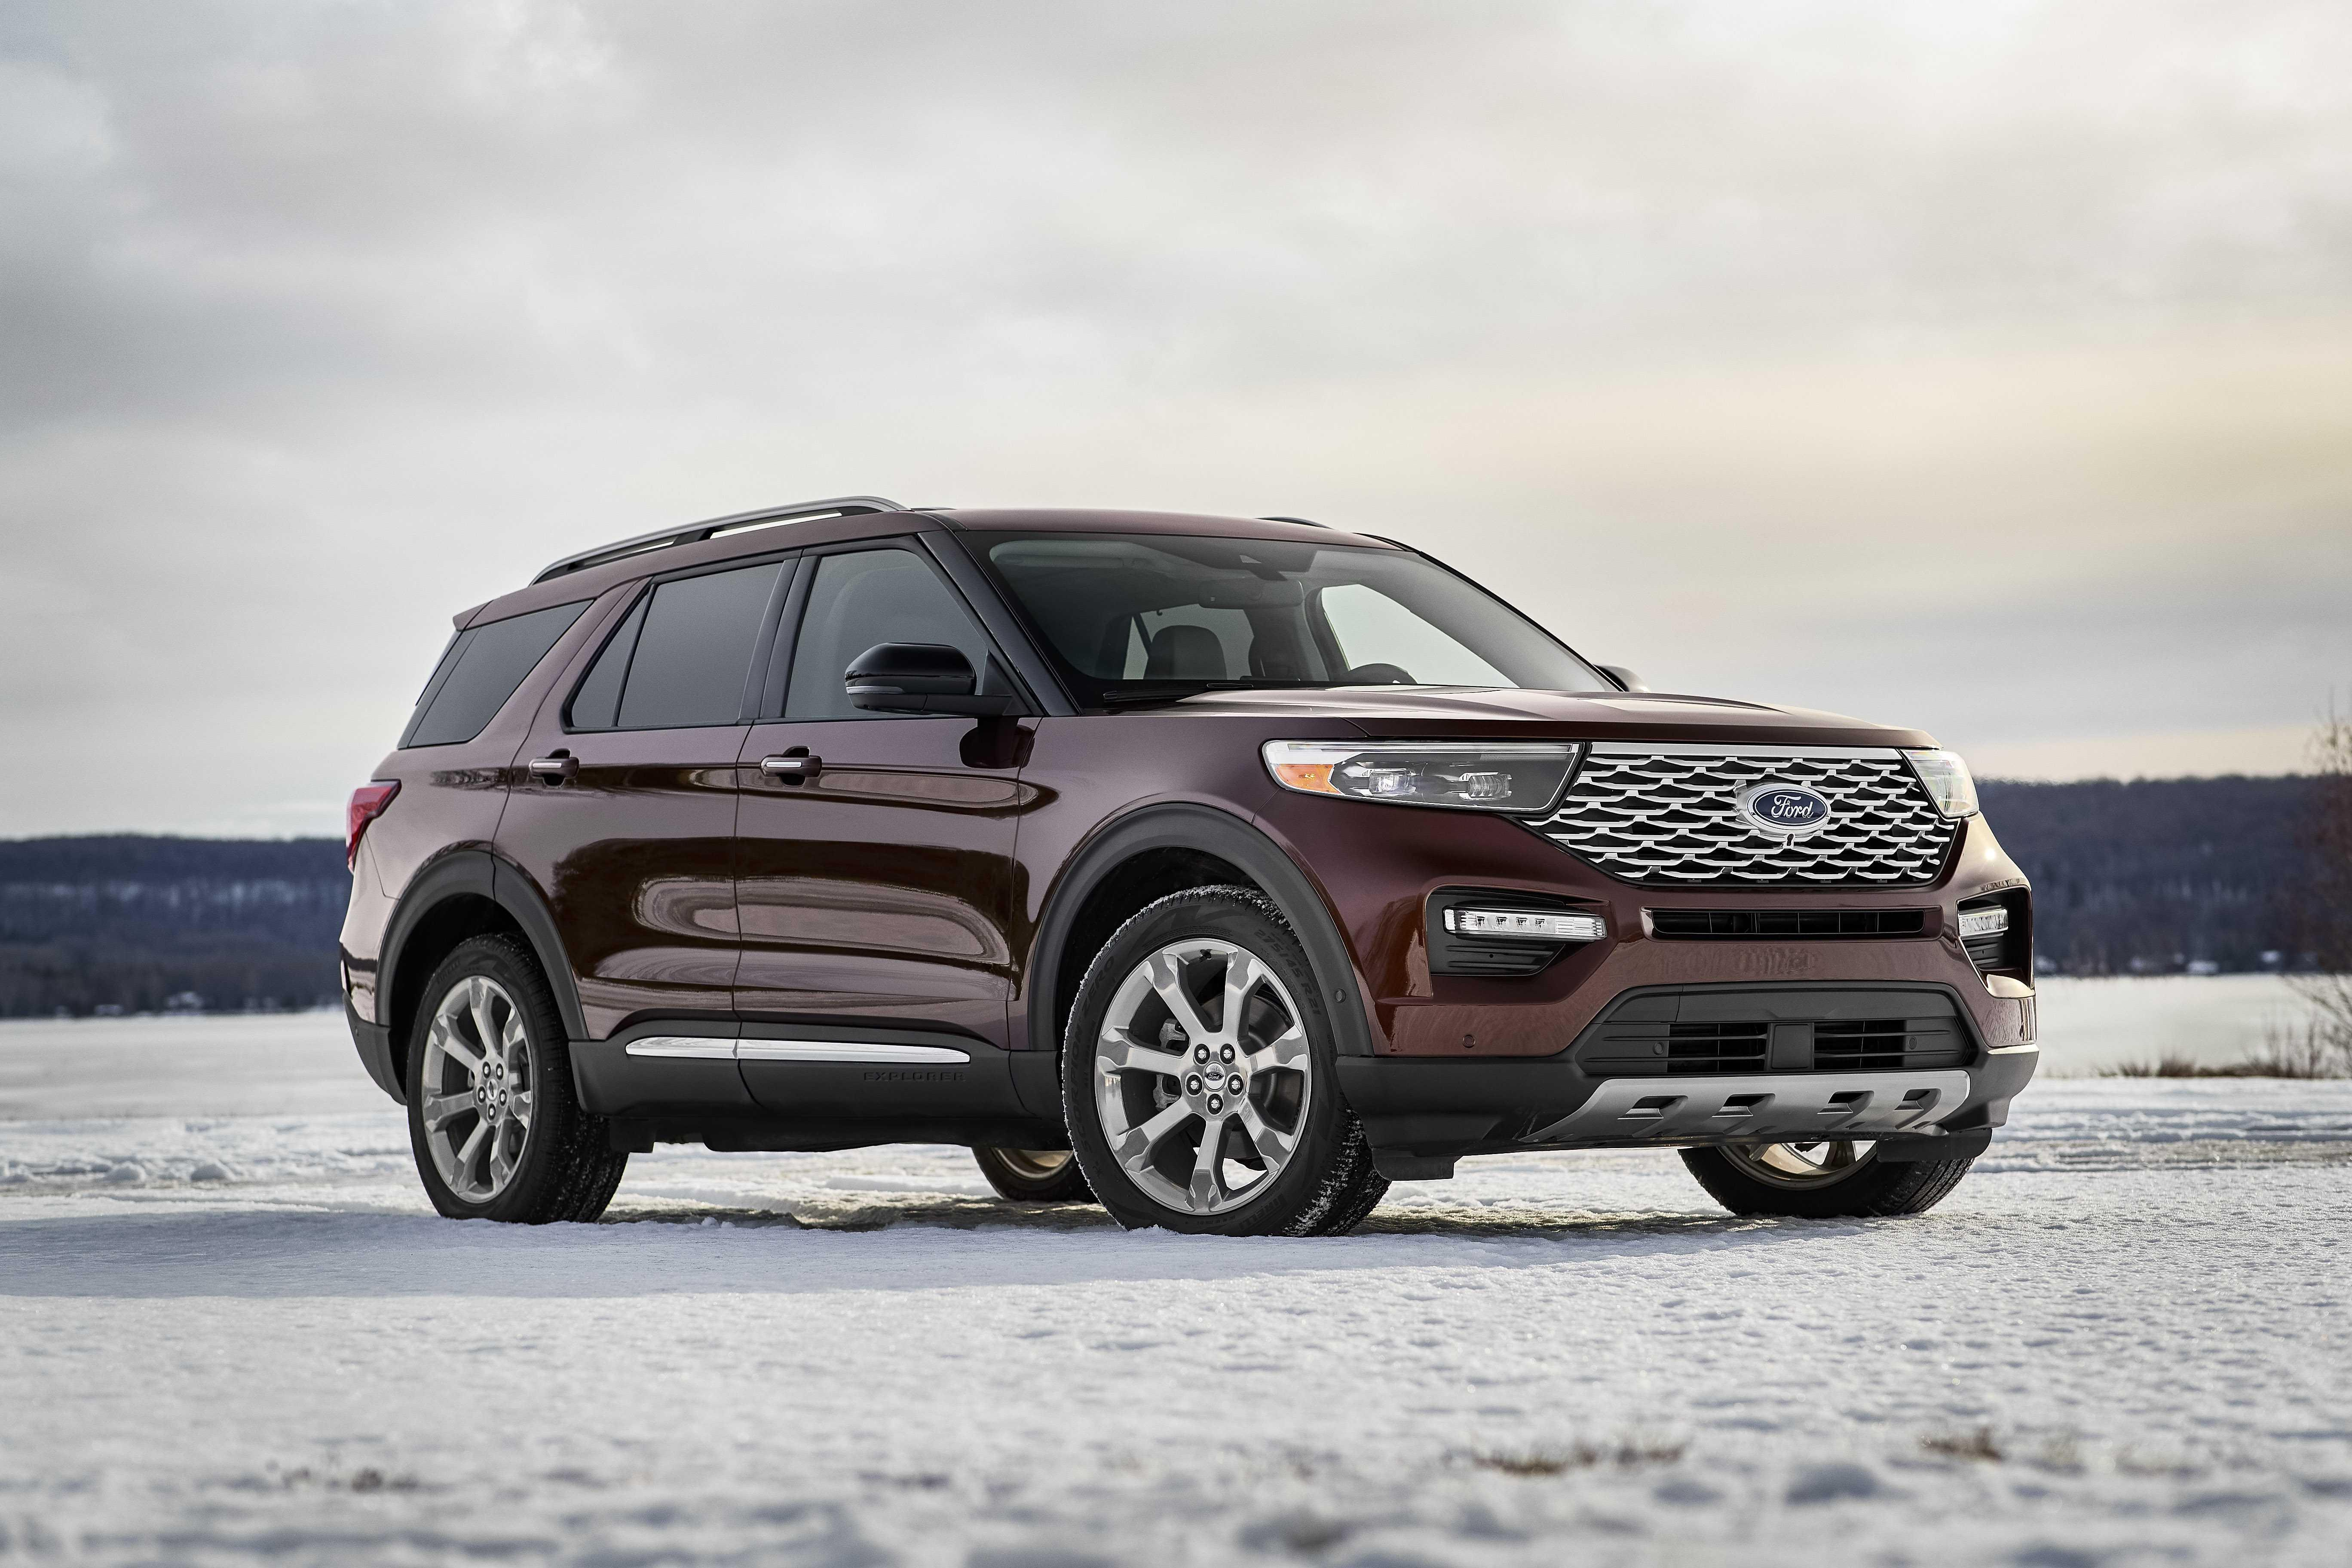 Tout ce que vous voulez savoir sur le Ford Explorer 2020